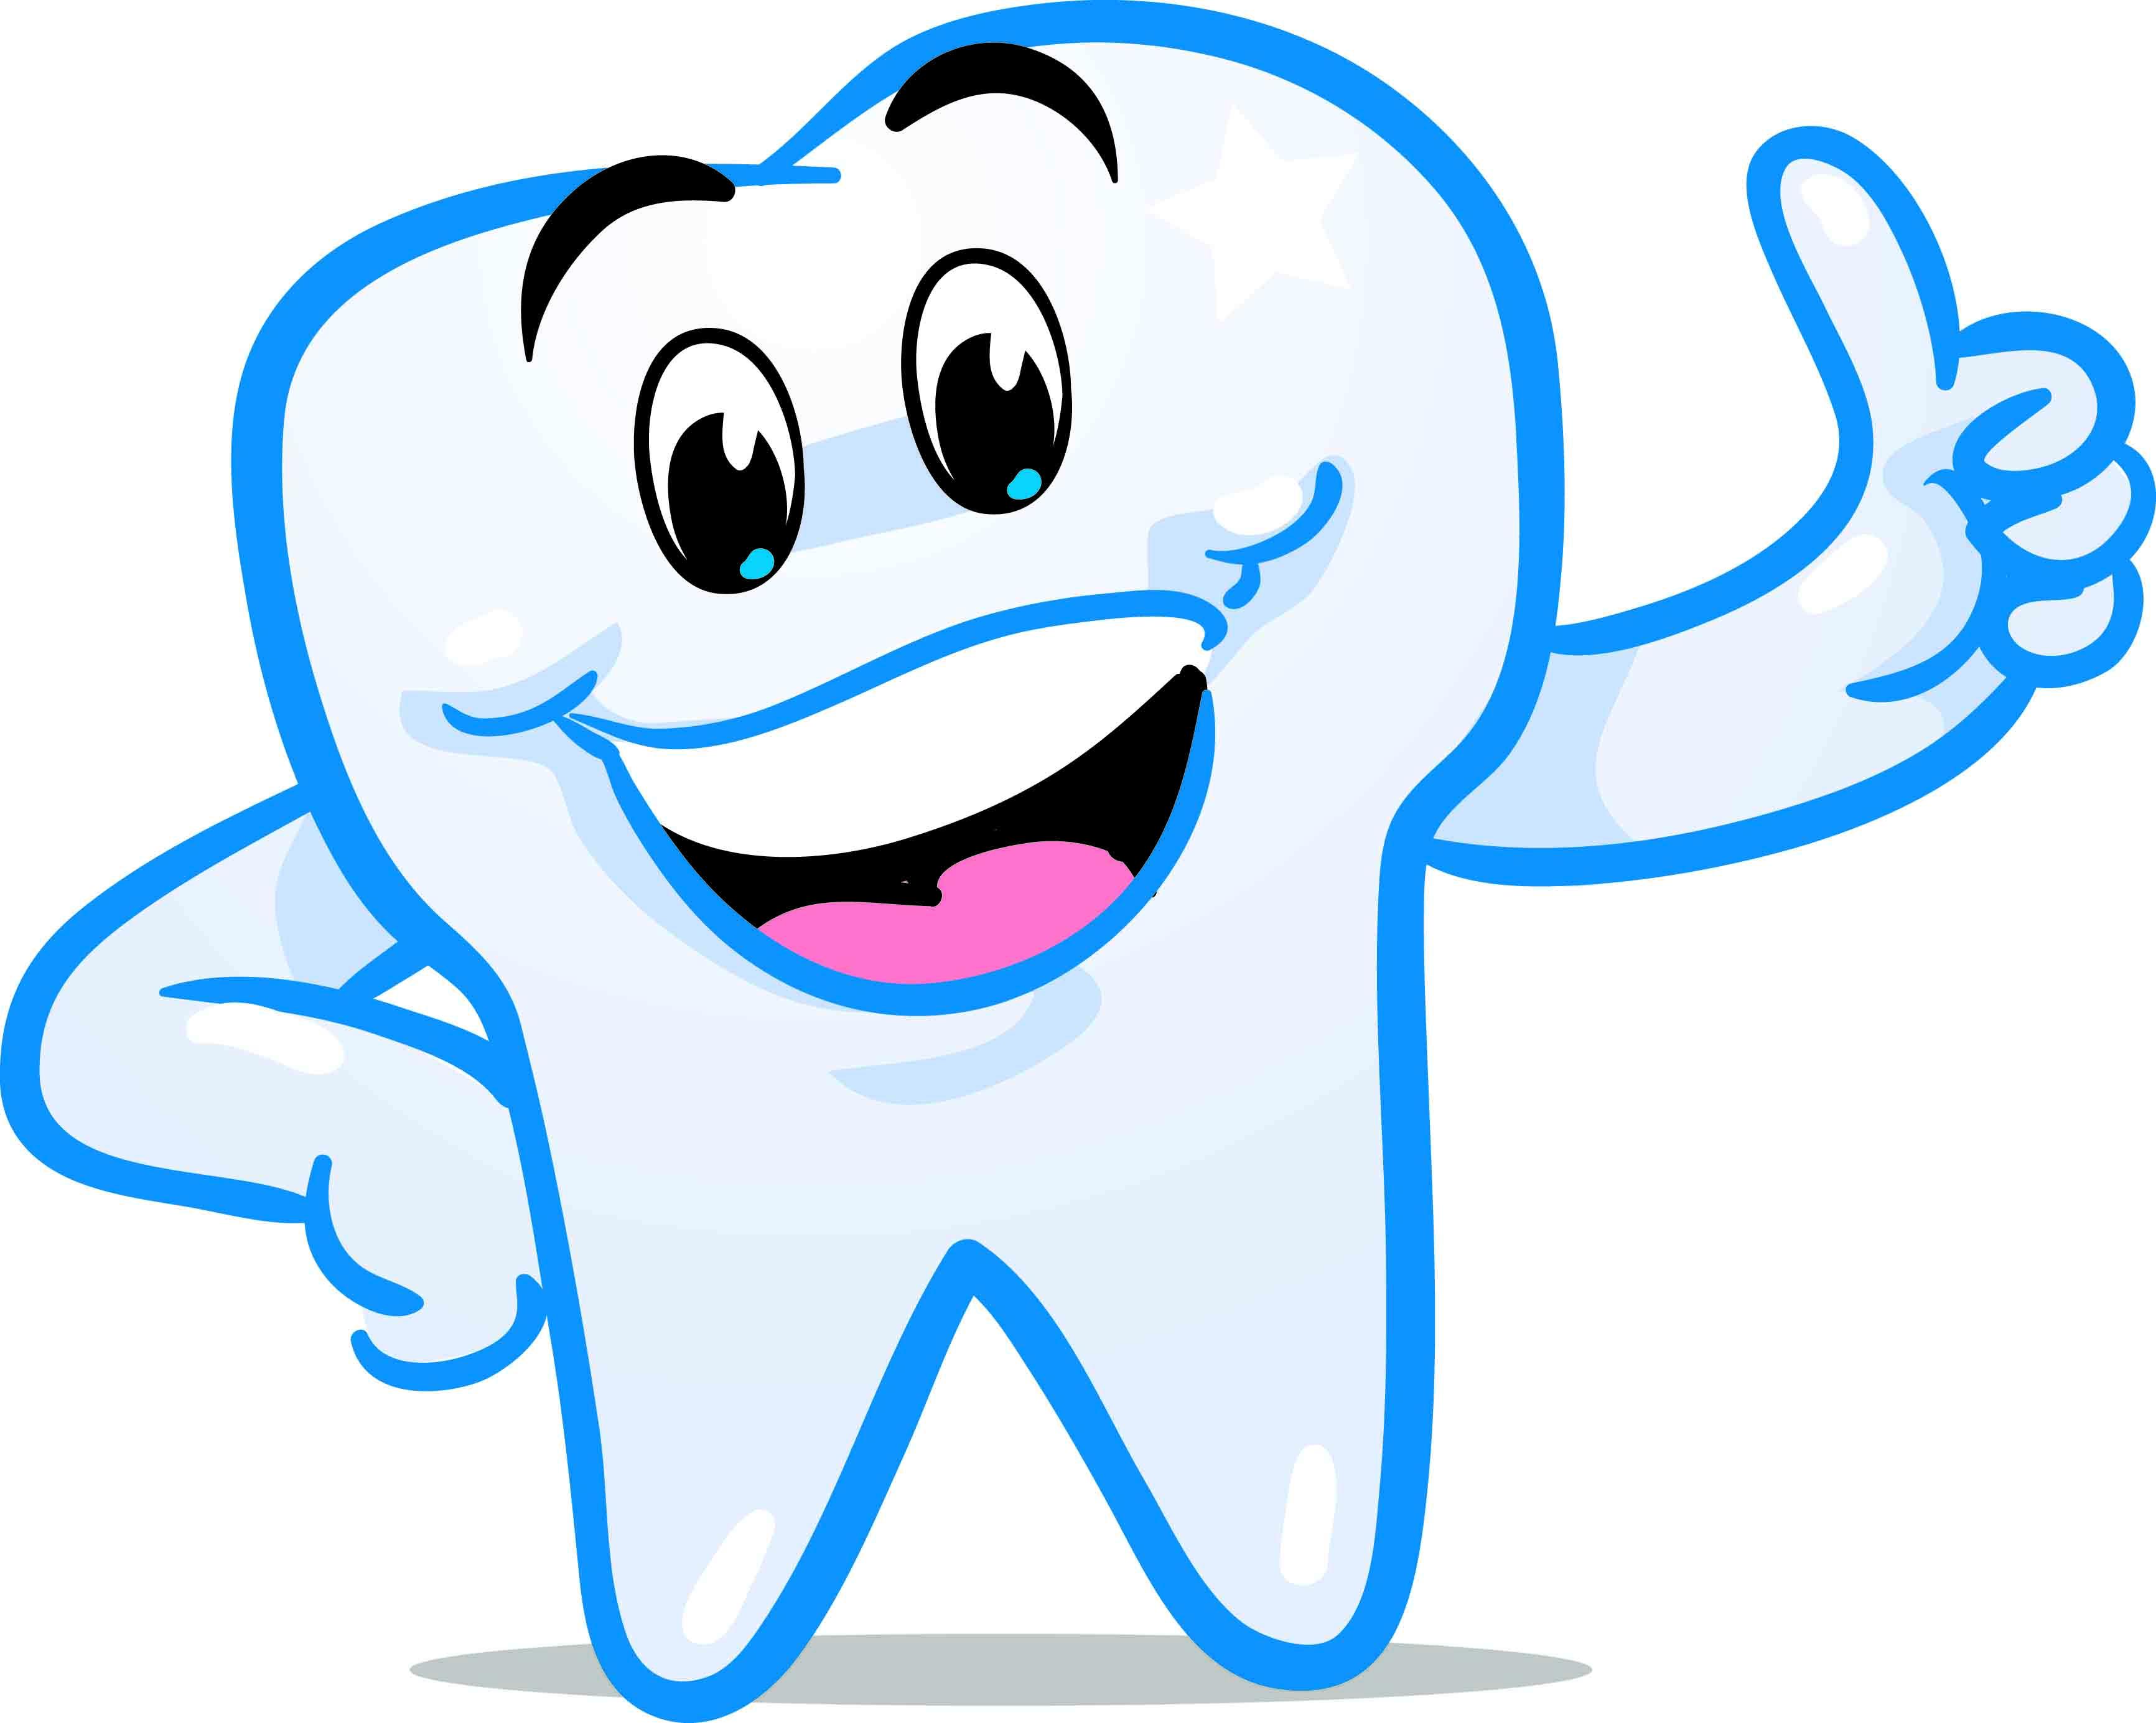 Fabulous Free Cartoon Images Of Teeth Download Free Clip Art Free Clip Art Wiring Cloud Histehirlexornumapkesianilluminateatxorg